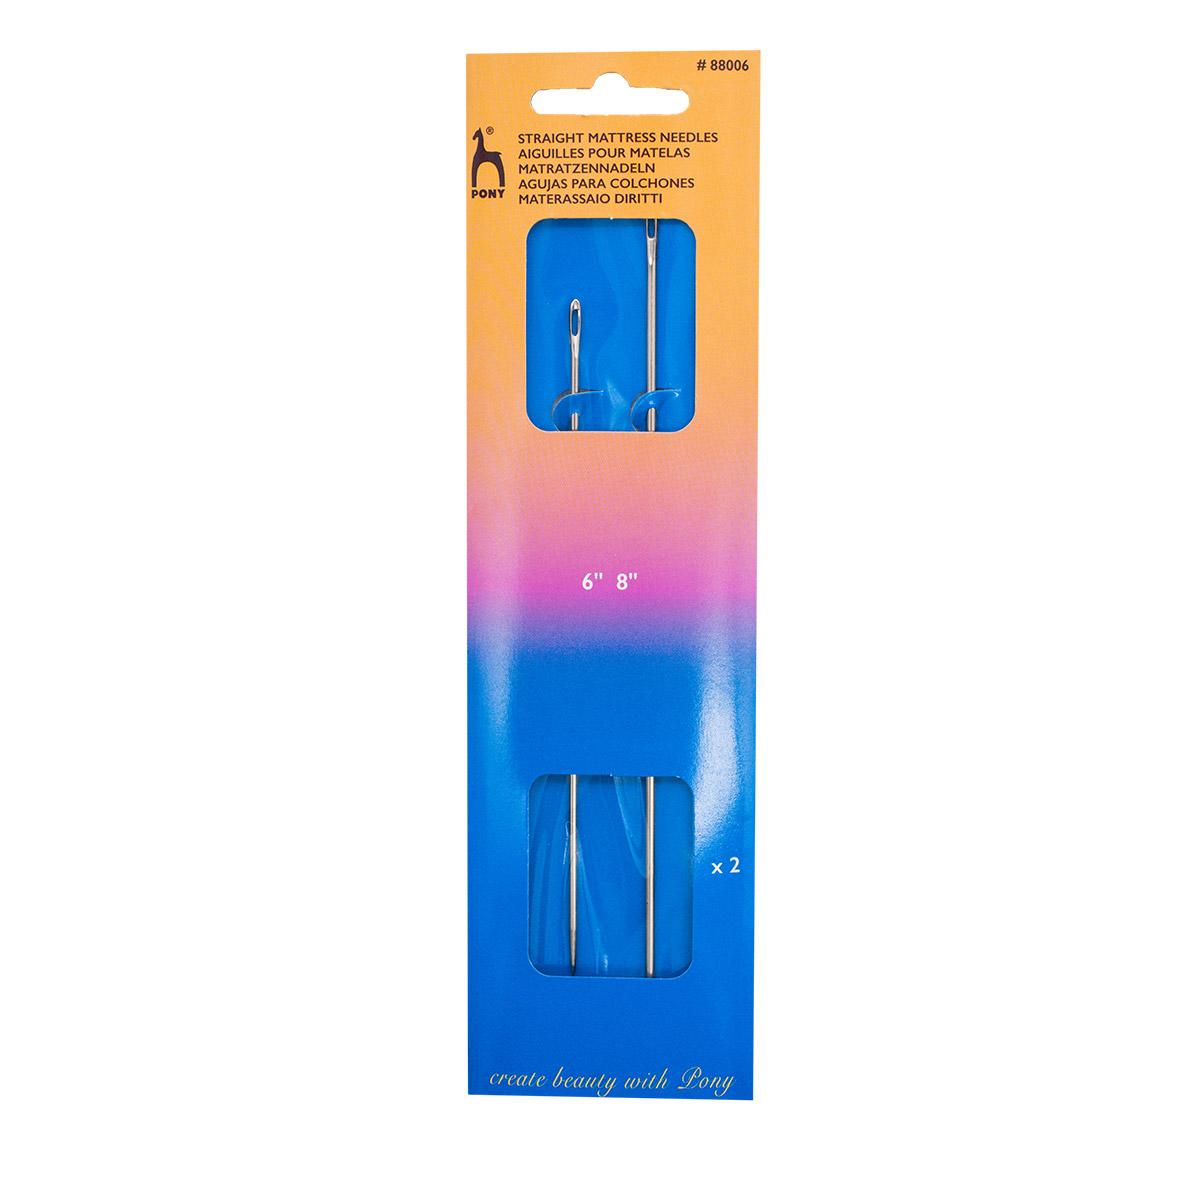 88006 Иглы ремесленные прямые для мебельной обивки № 6, 8, 2 шт PONY